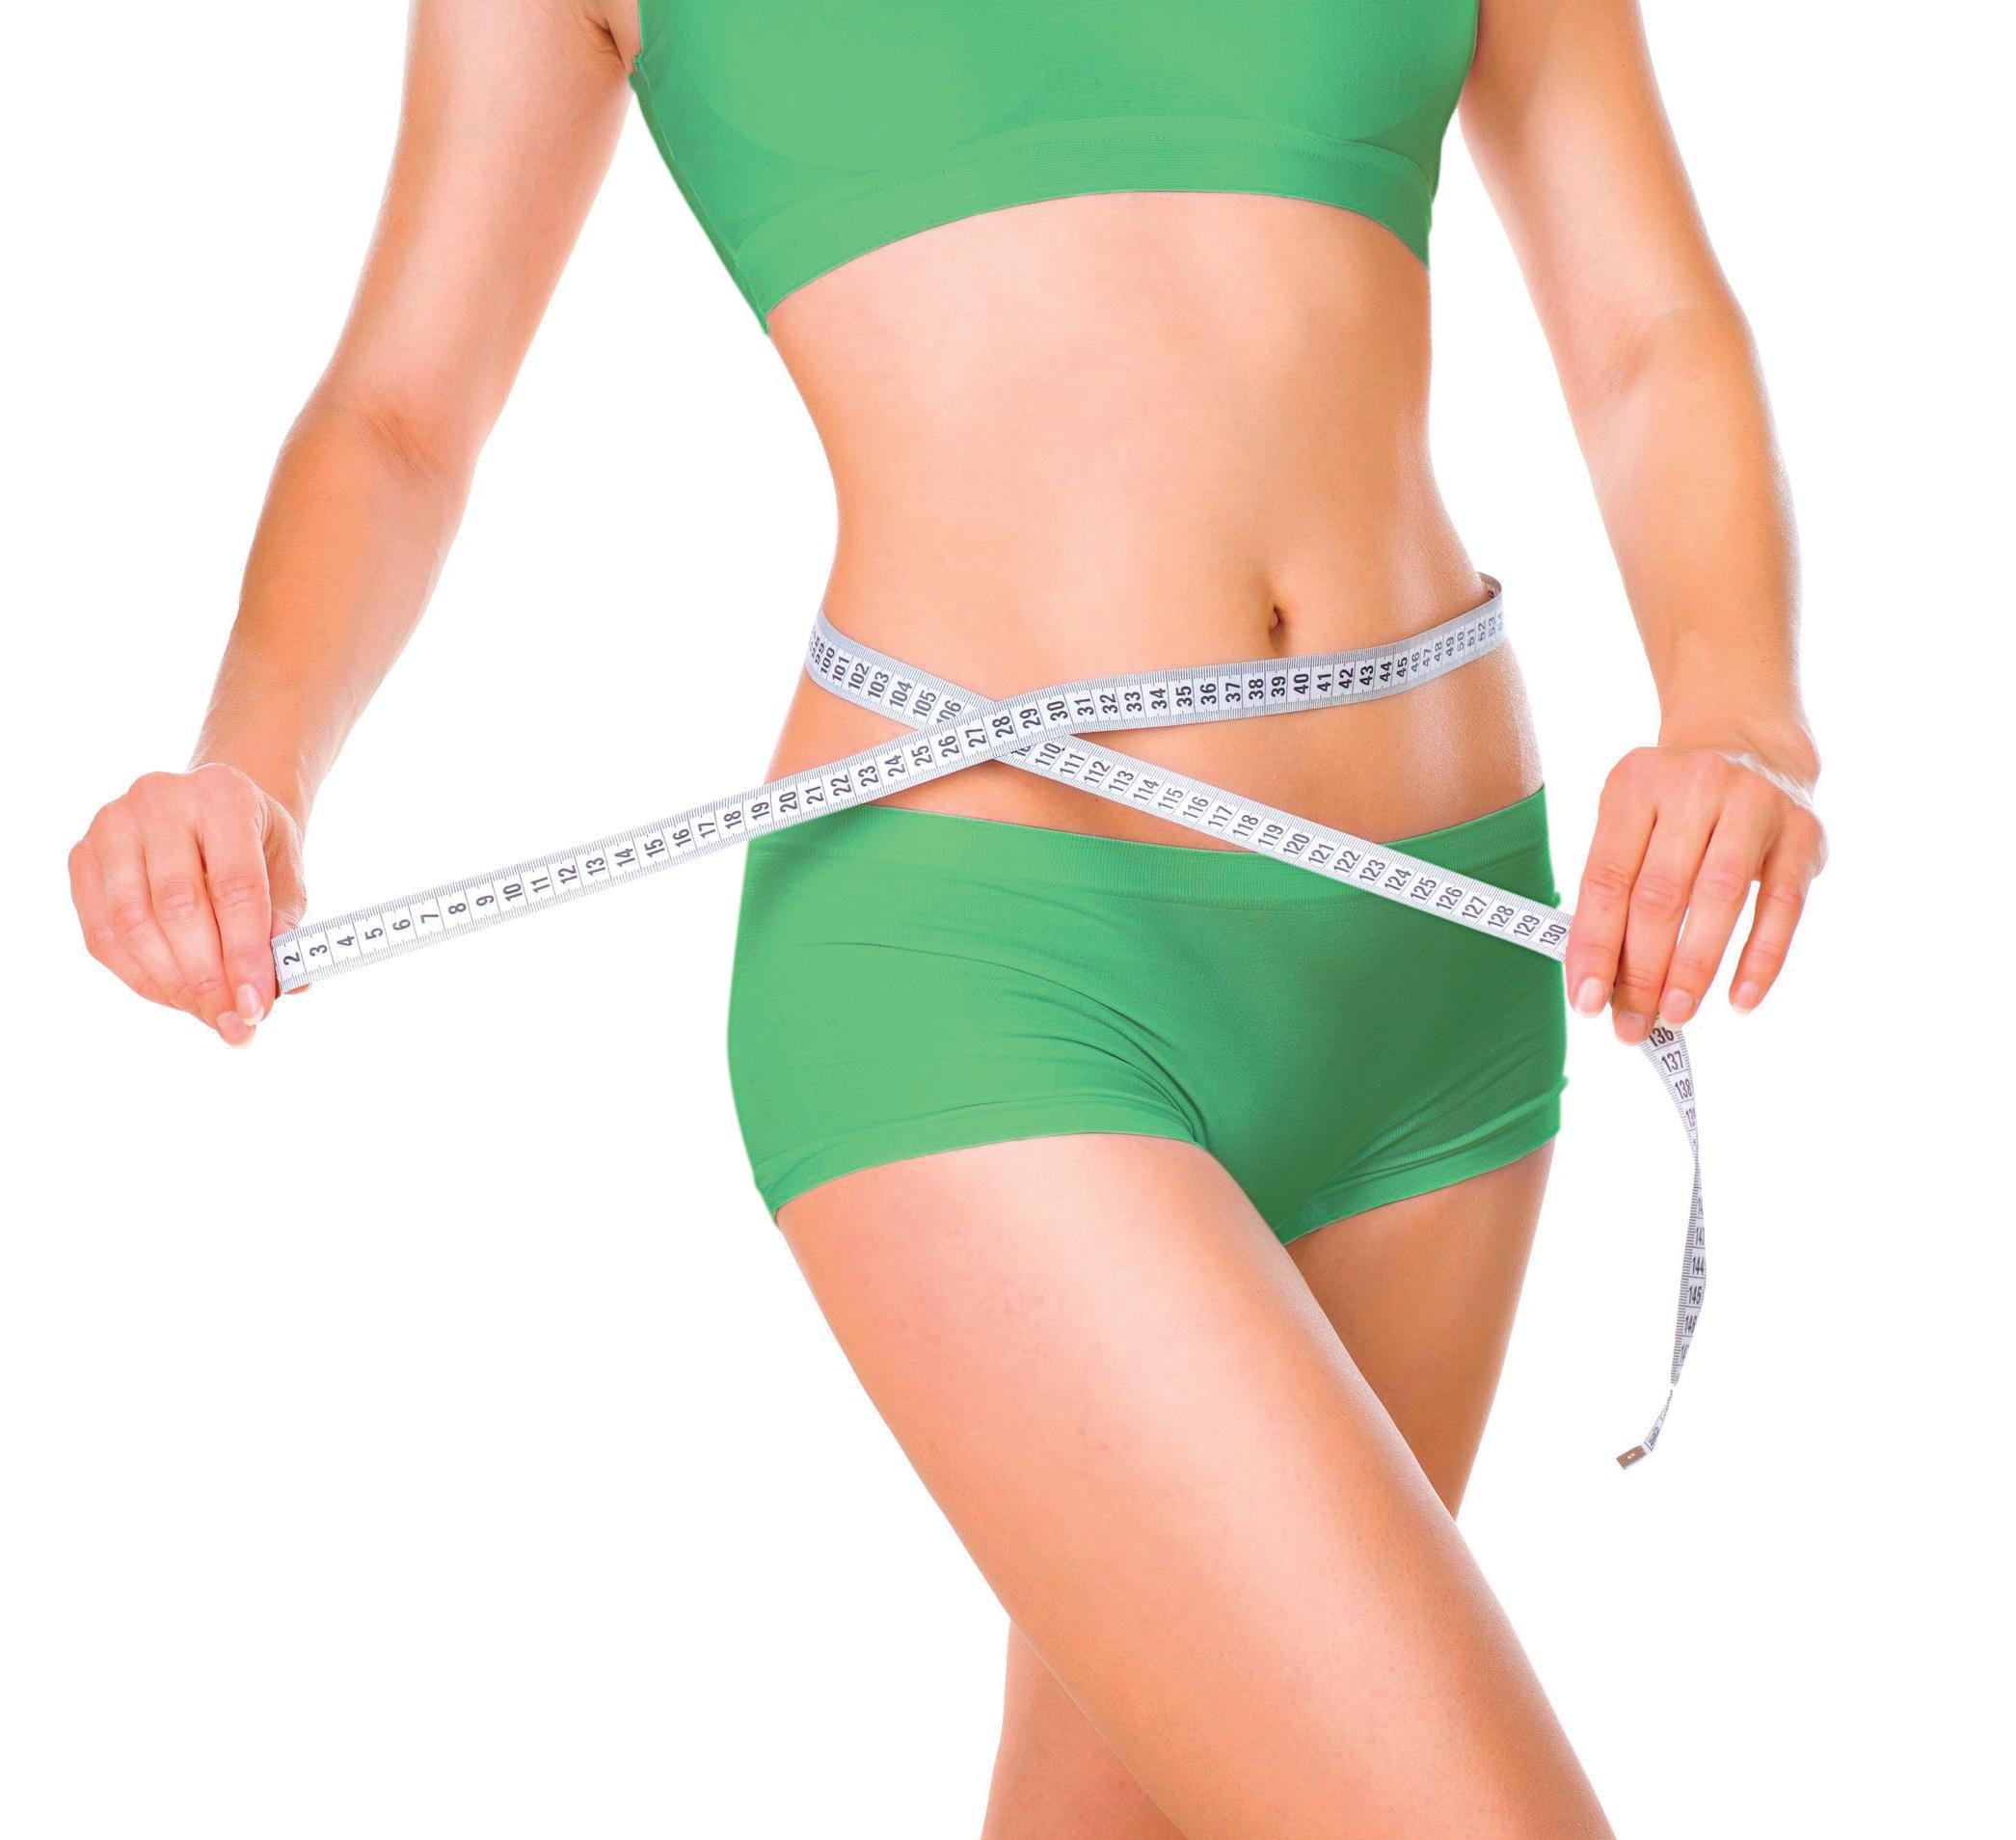 Bất ngờ với cách giảm cân bằng nha đam cực hot trong giới trẻ1